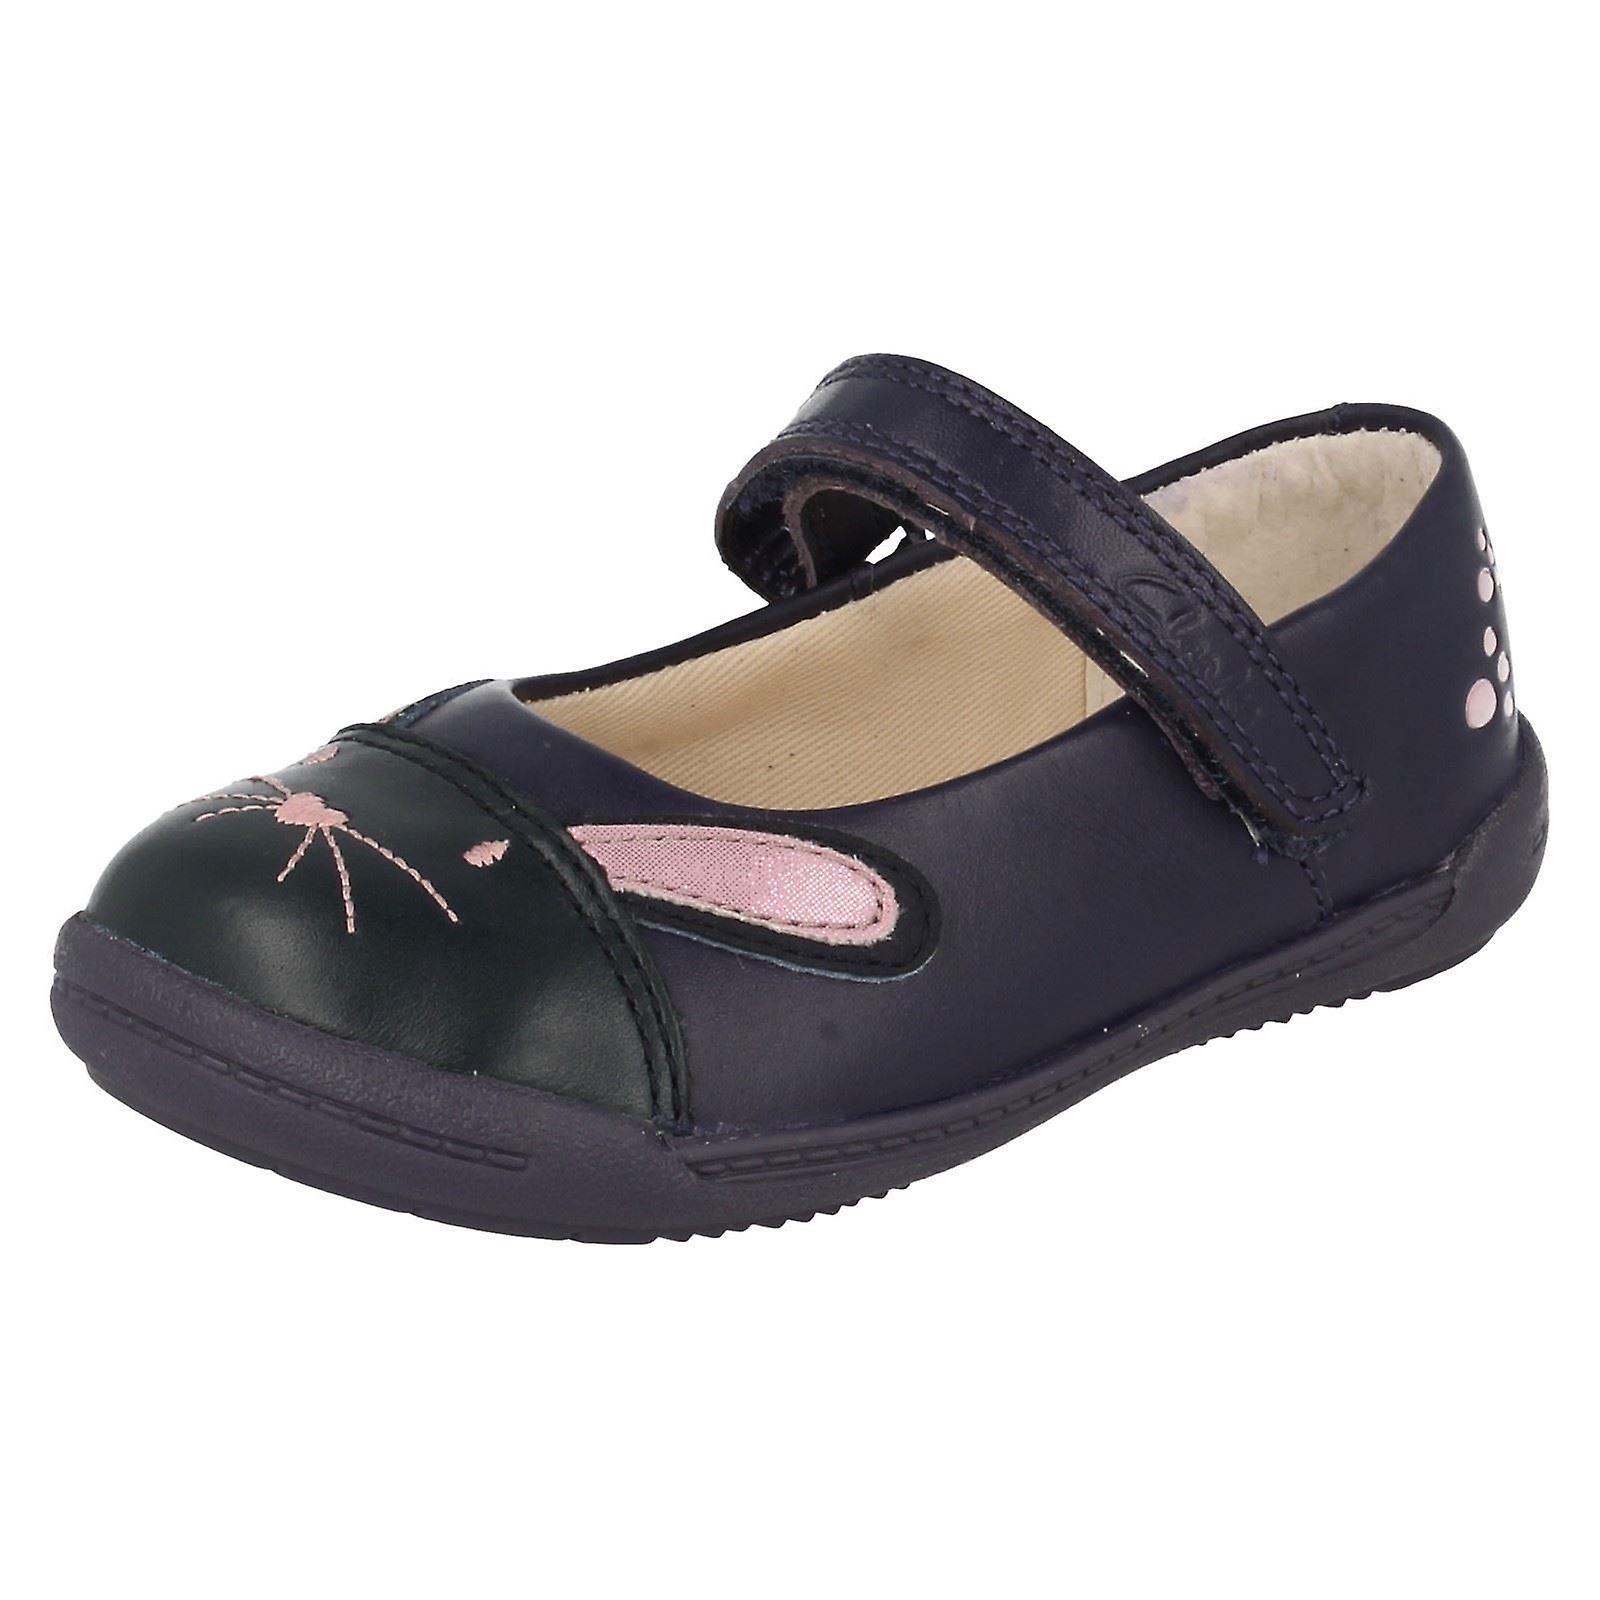 ragazze clarks prima scarpe scarpe scarpe lva bunny   A Primo Posto Tra Prodotti Simili    Qualità Eccellente    Up-to-date Stile    Uomini/Donne Scarpa    Uomo/Donna Scarpa    Sig/Sig Ra Scarpa  512eee